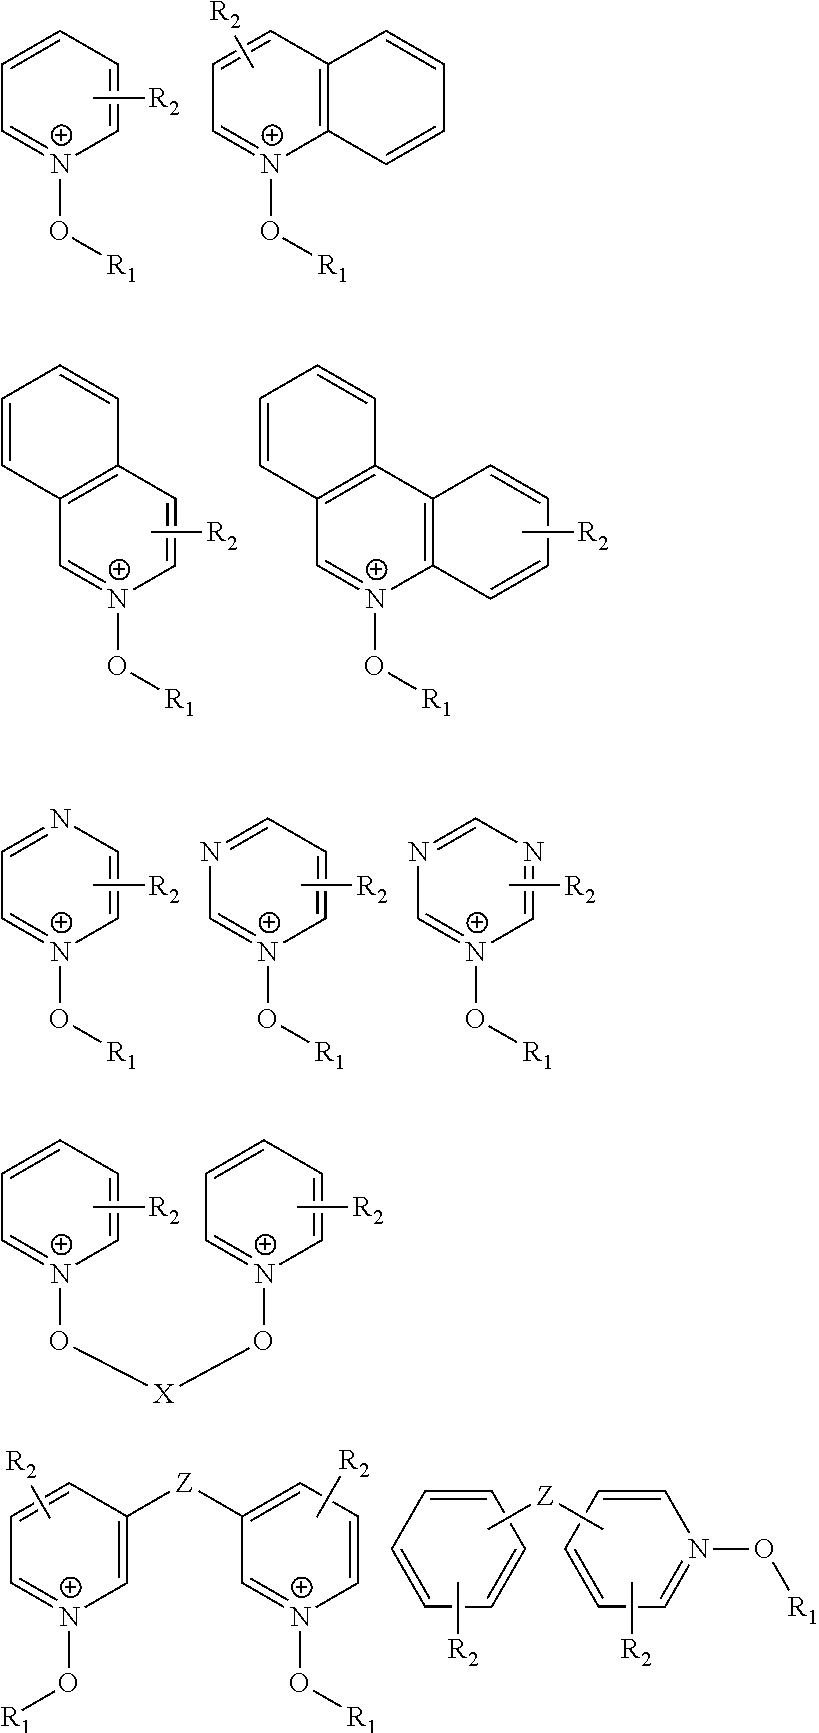 Figure US20120295999A1-20121122-C00004